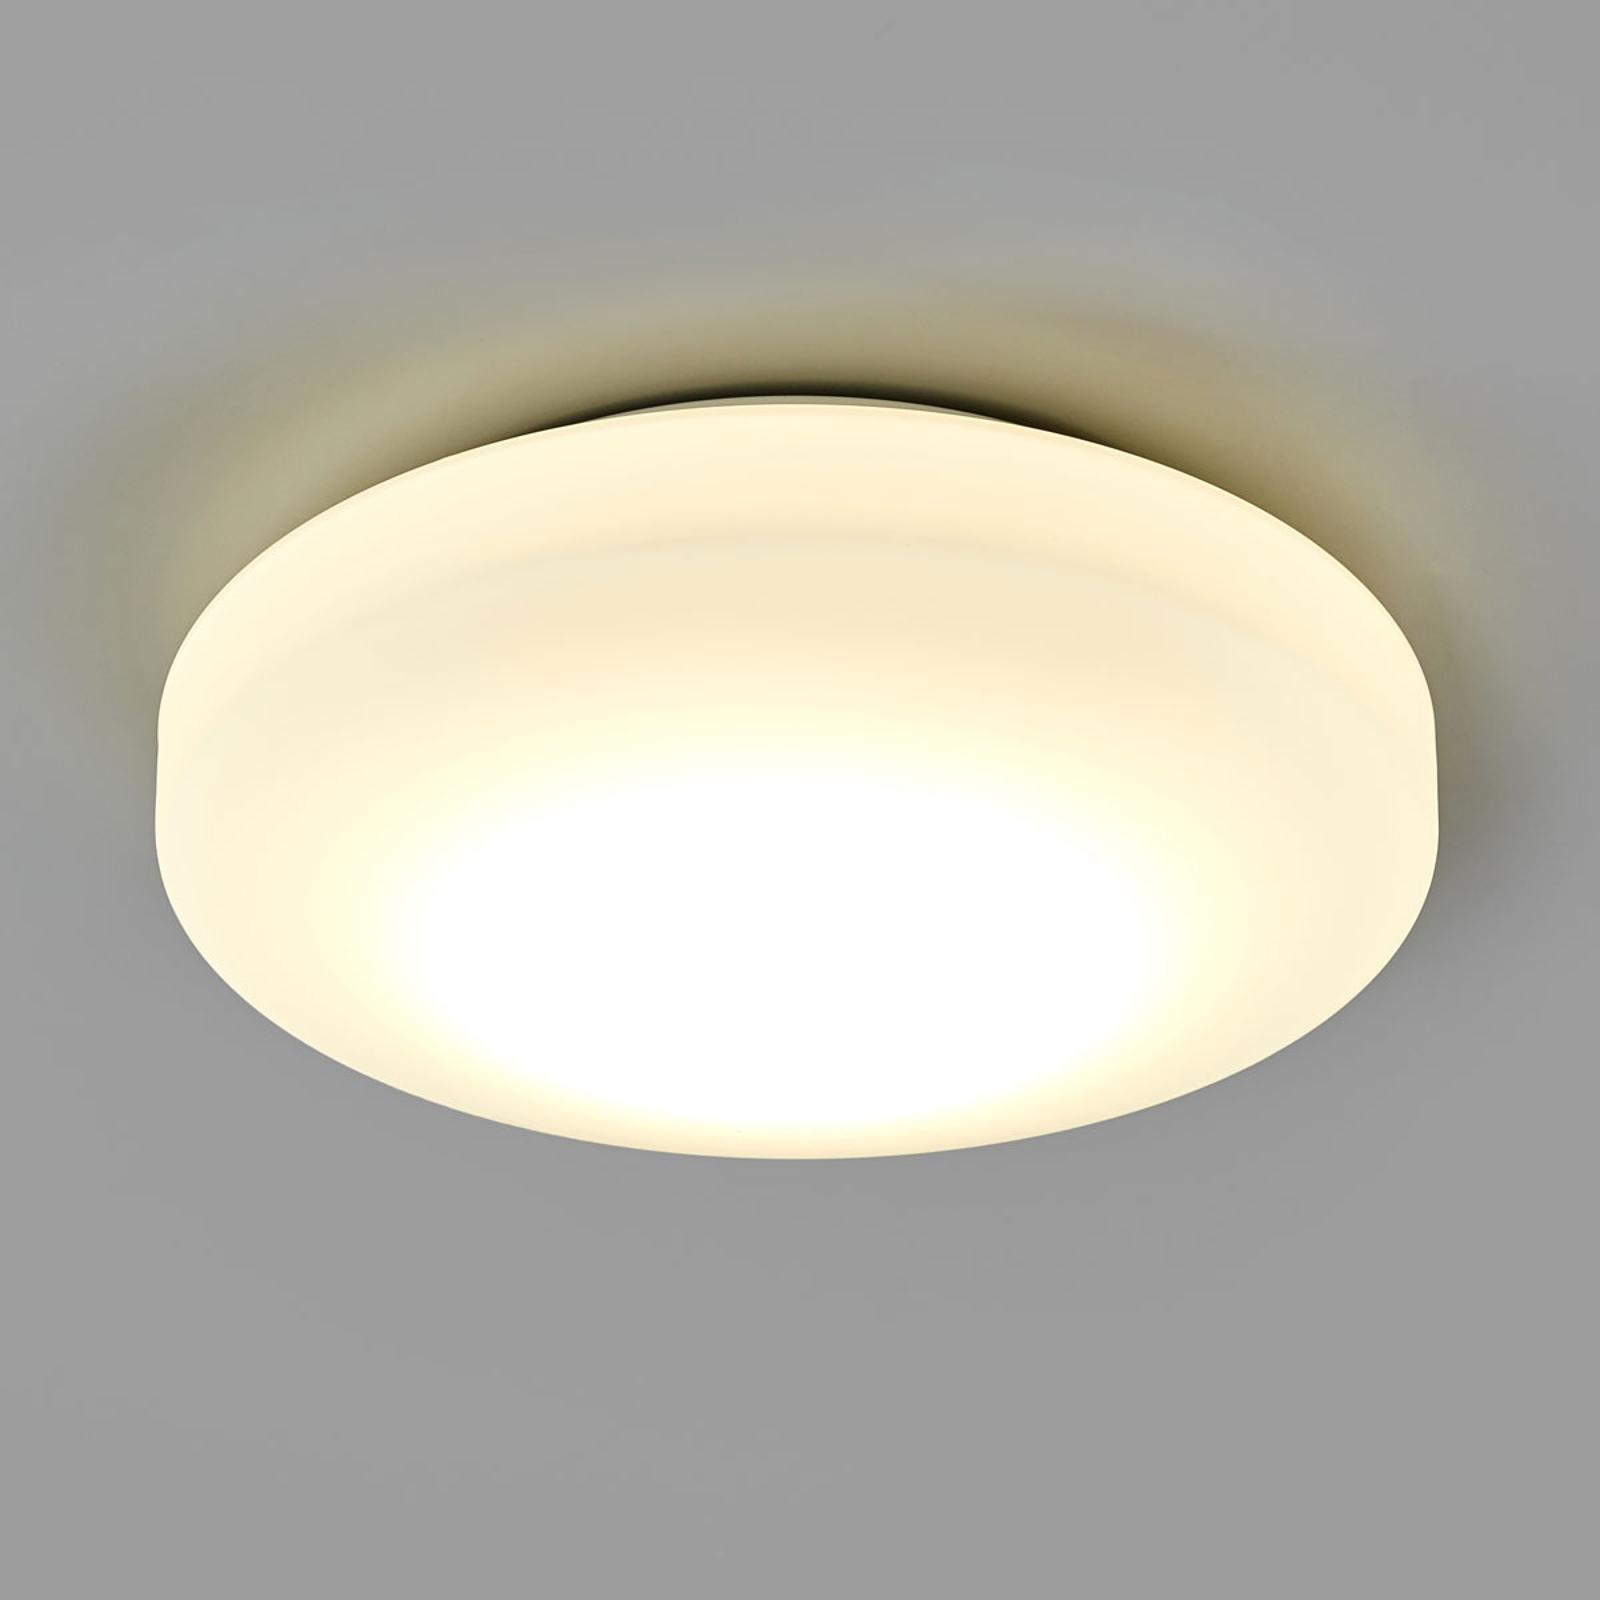 Łaz. lampa sufitowa LED Malte ze szkła opalowego